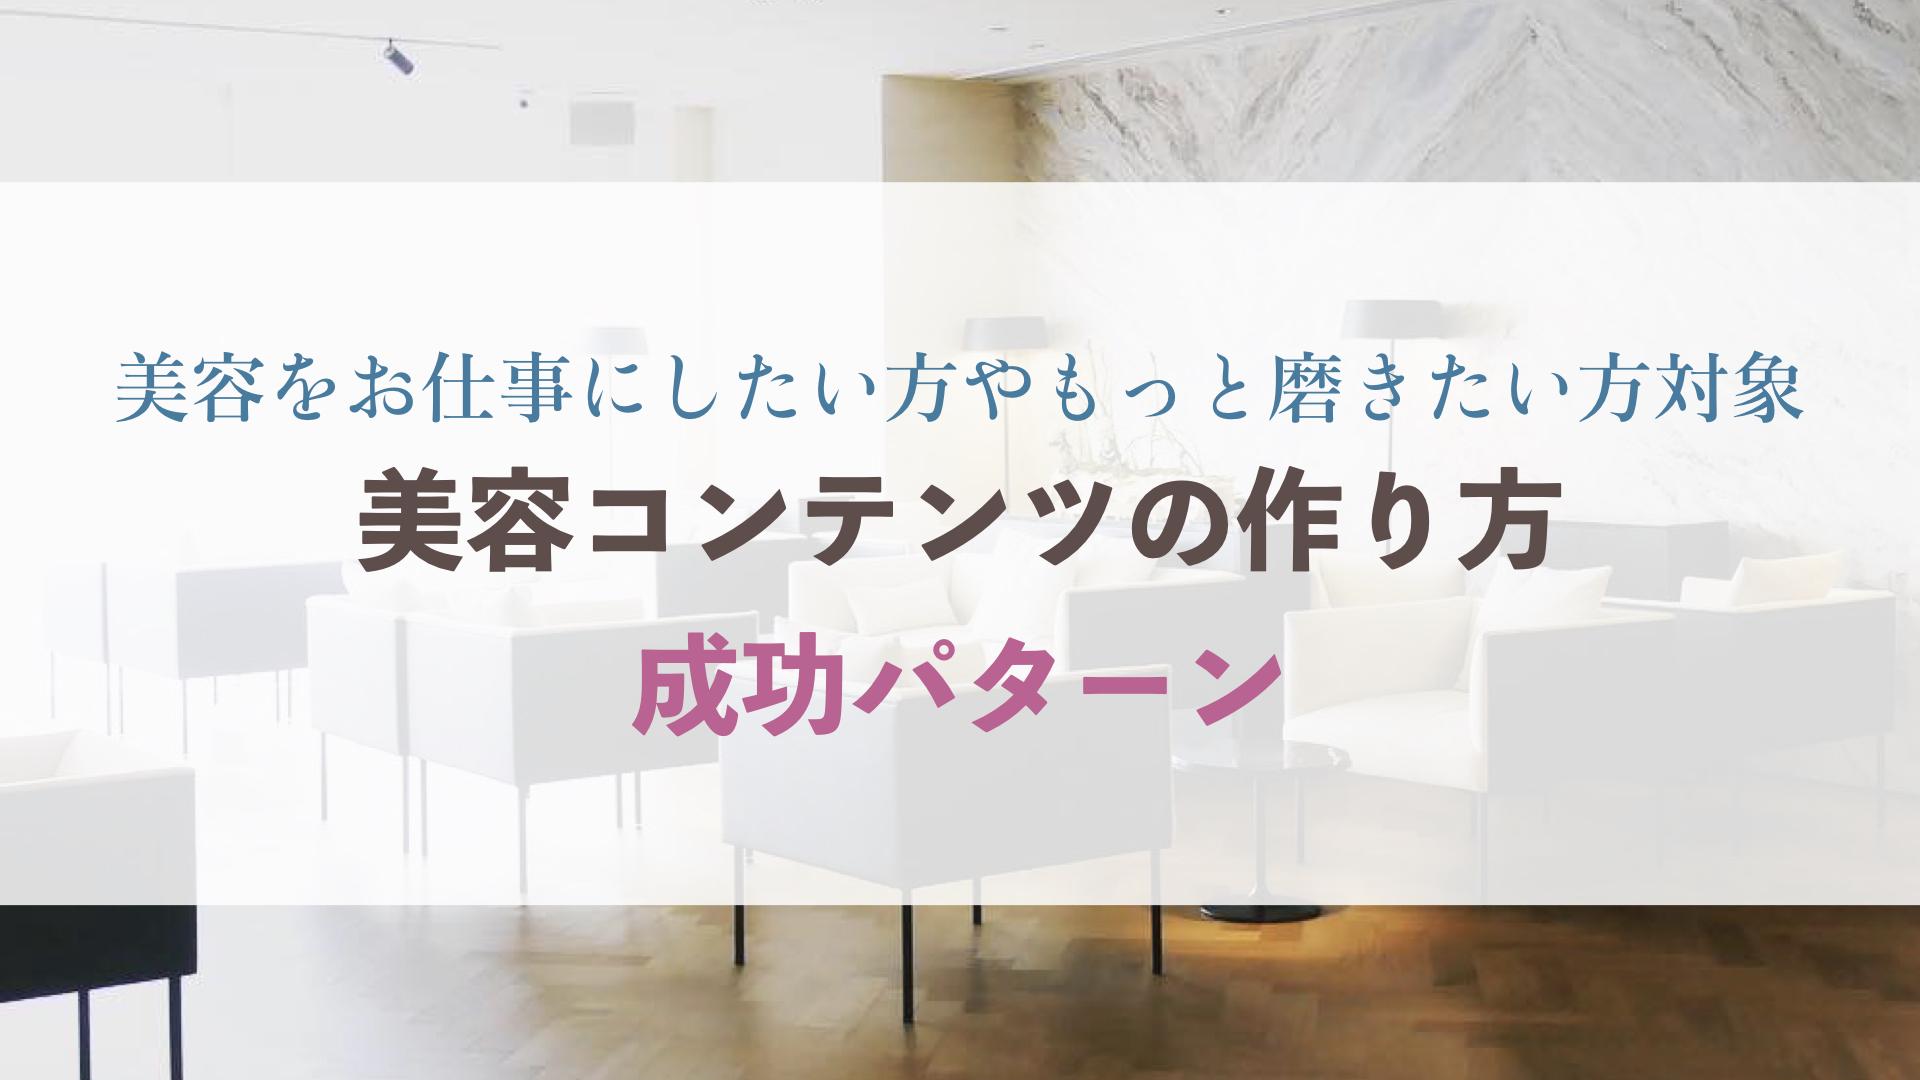 美容コンテンツの作り方の成功パターン【マンツーマンレッスン】